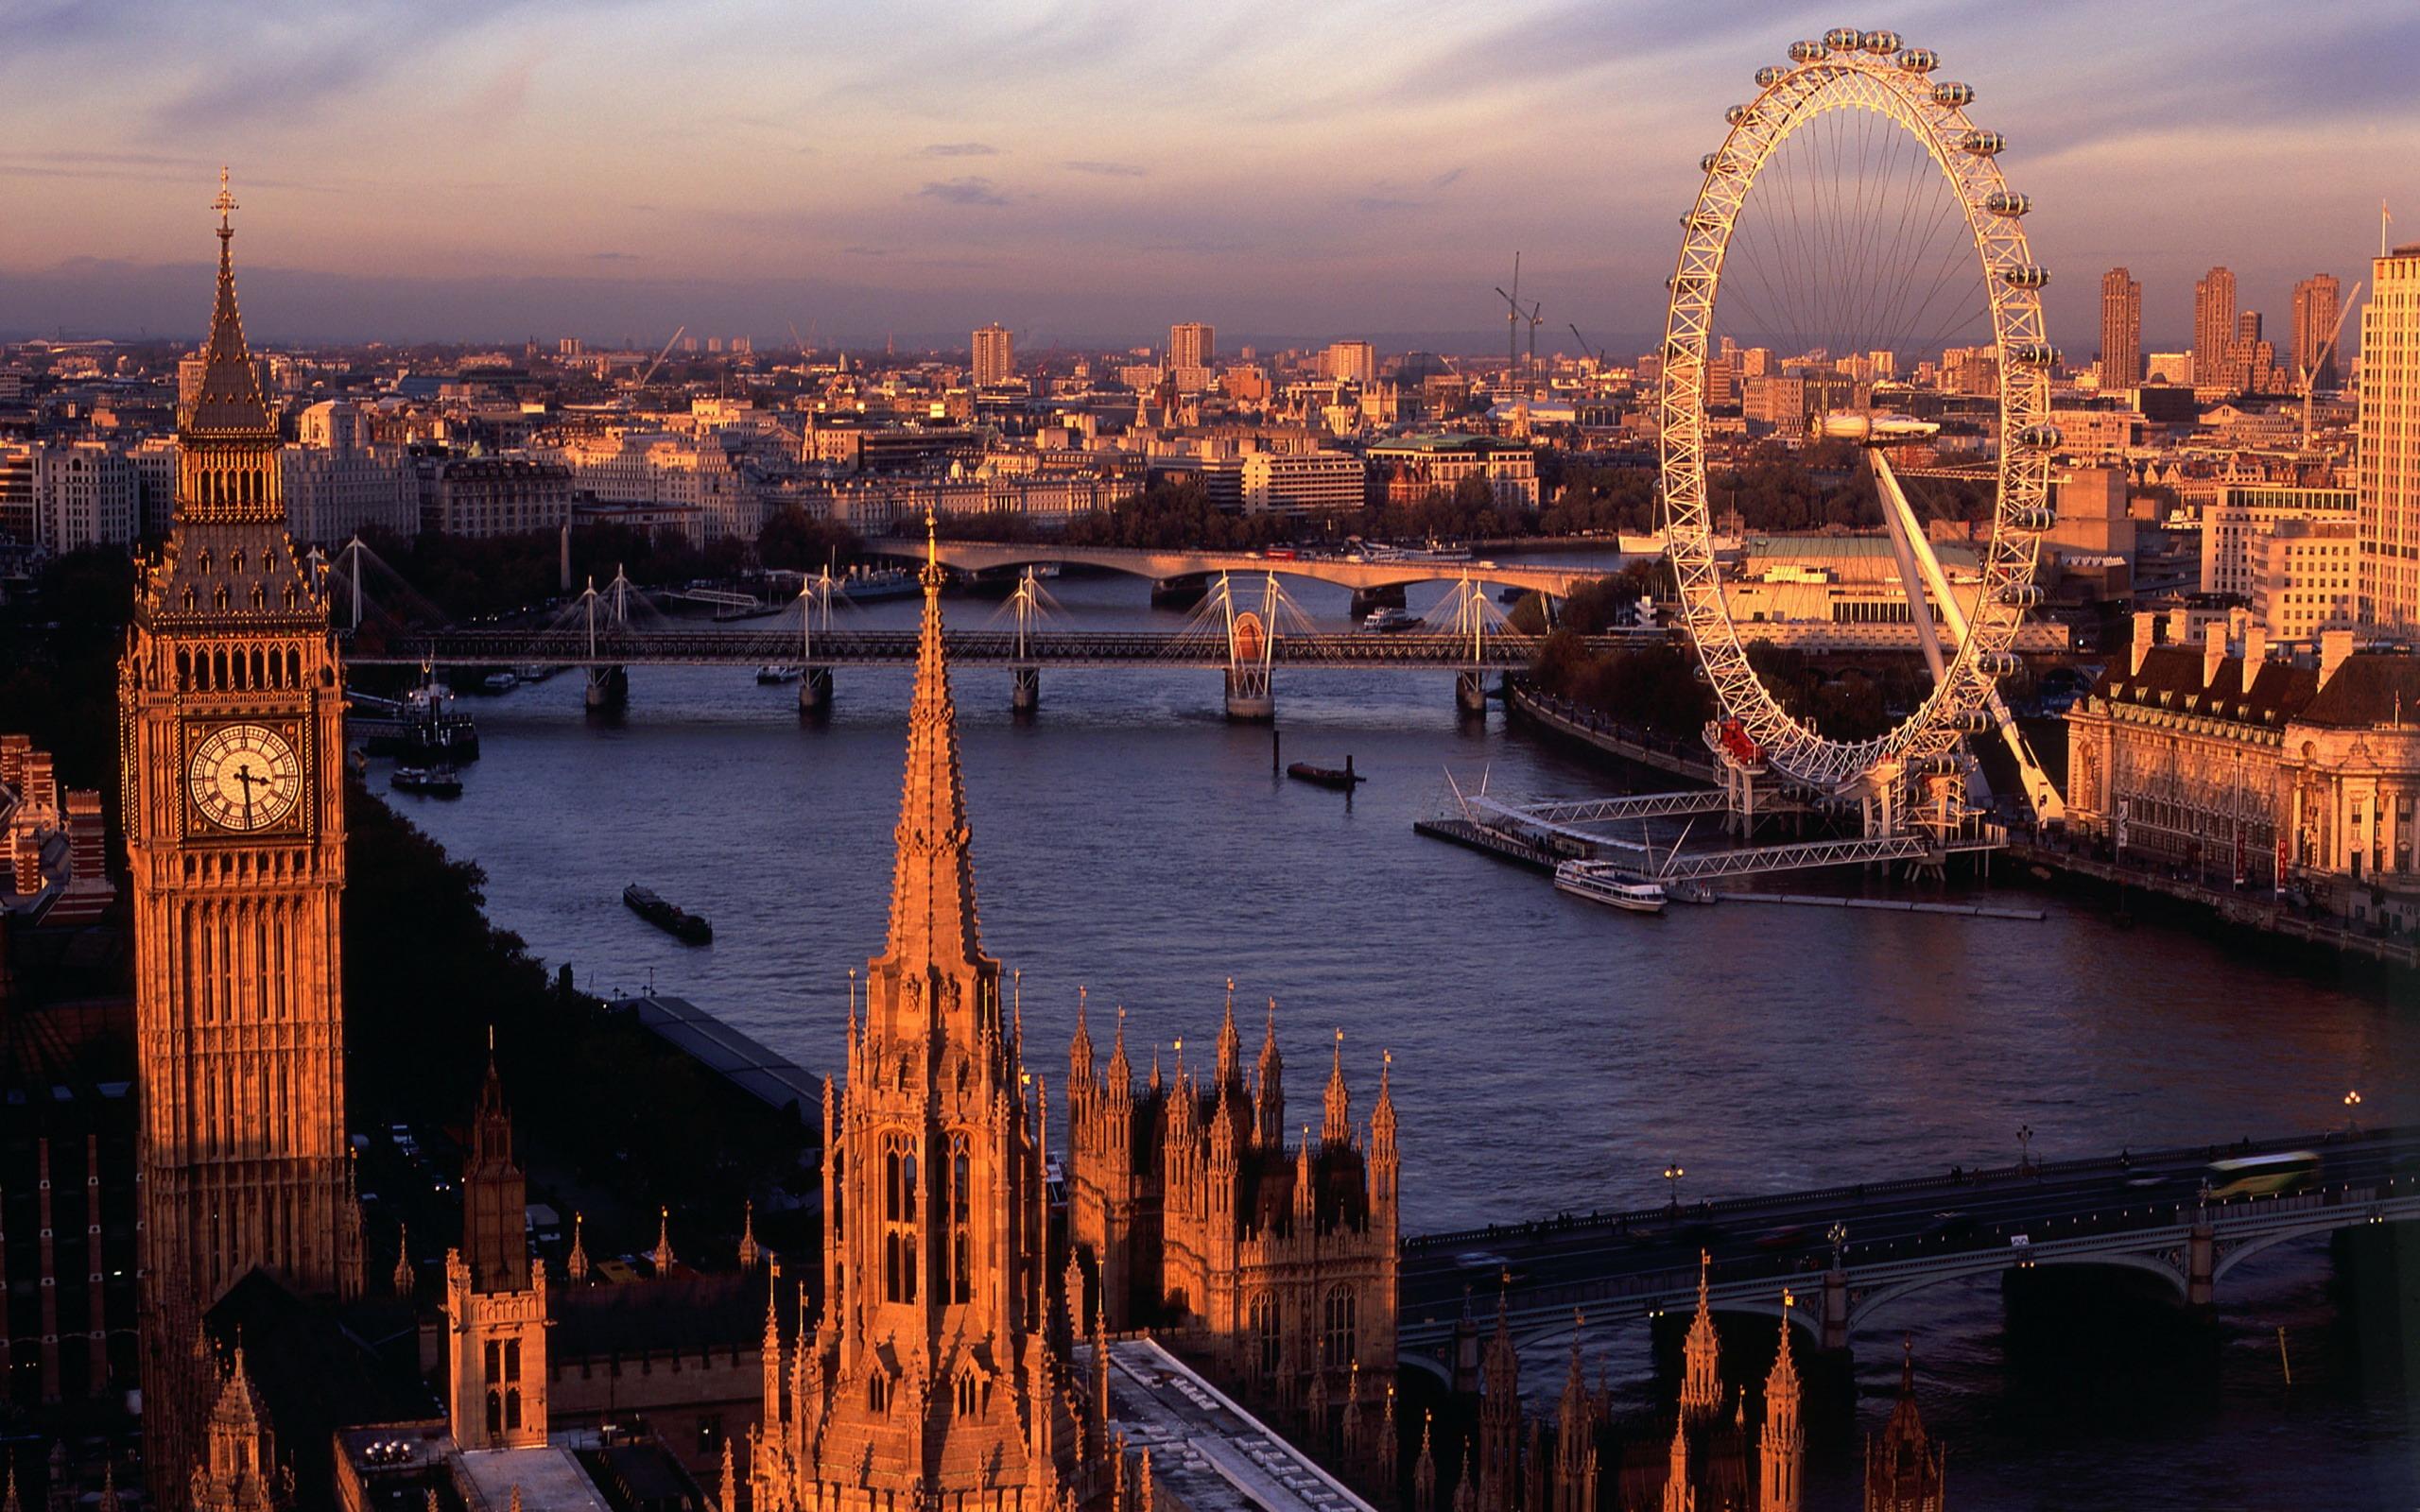 ロンドンパノラマ ヨーロッパの風景壁紙プレビュー 10wallpaper Com